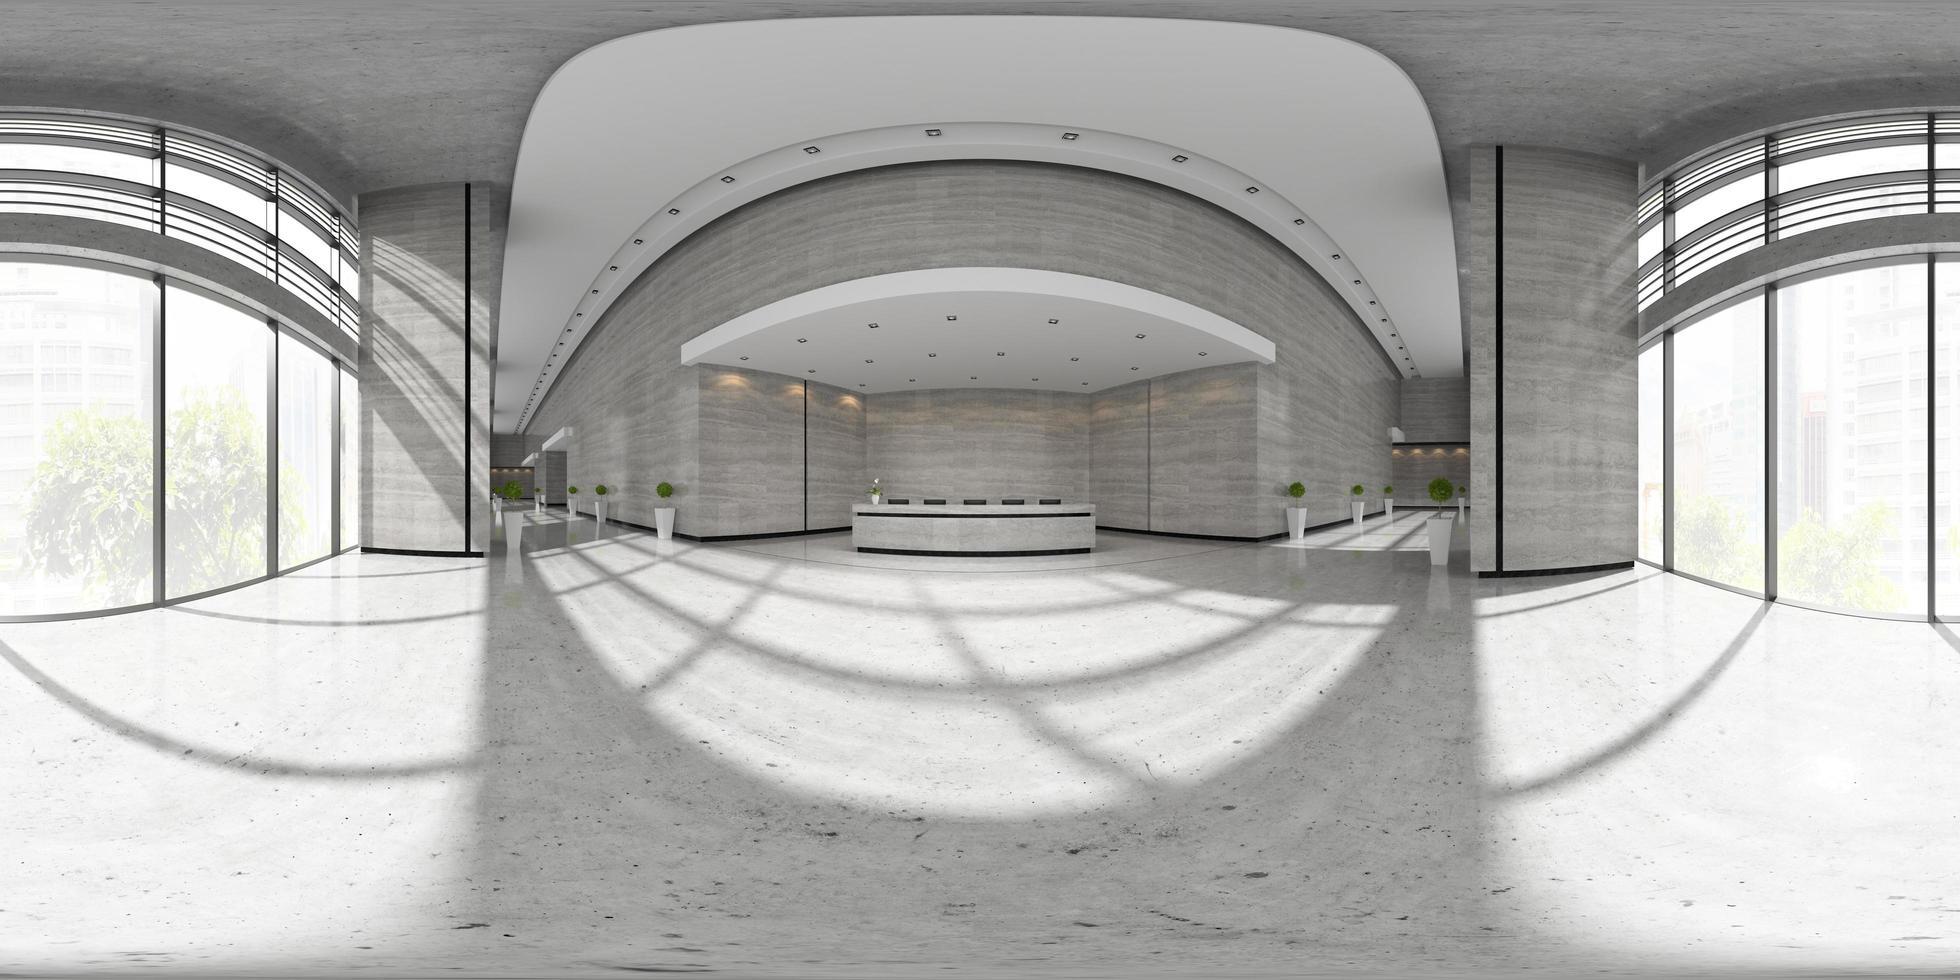 projeção panorâmica esférica de 360 ° de um interior de uma área de recepção em ilustração 3D foto